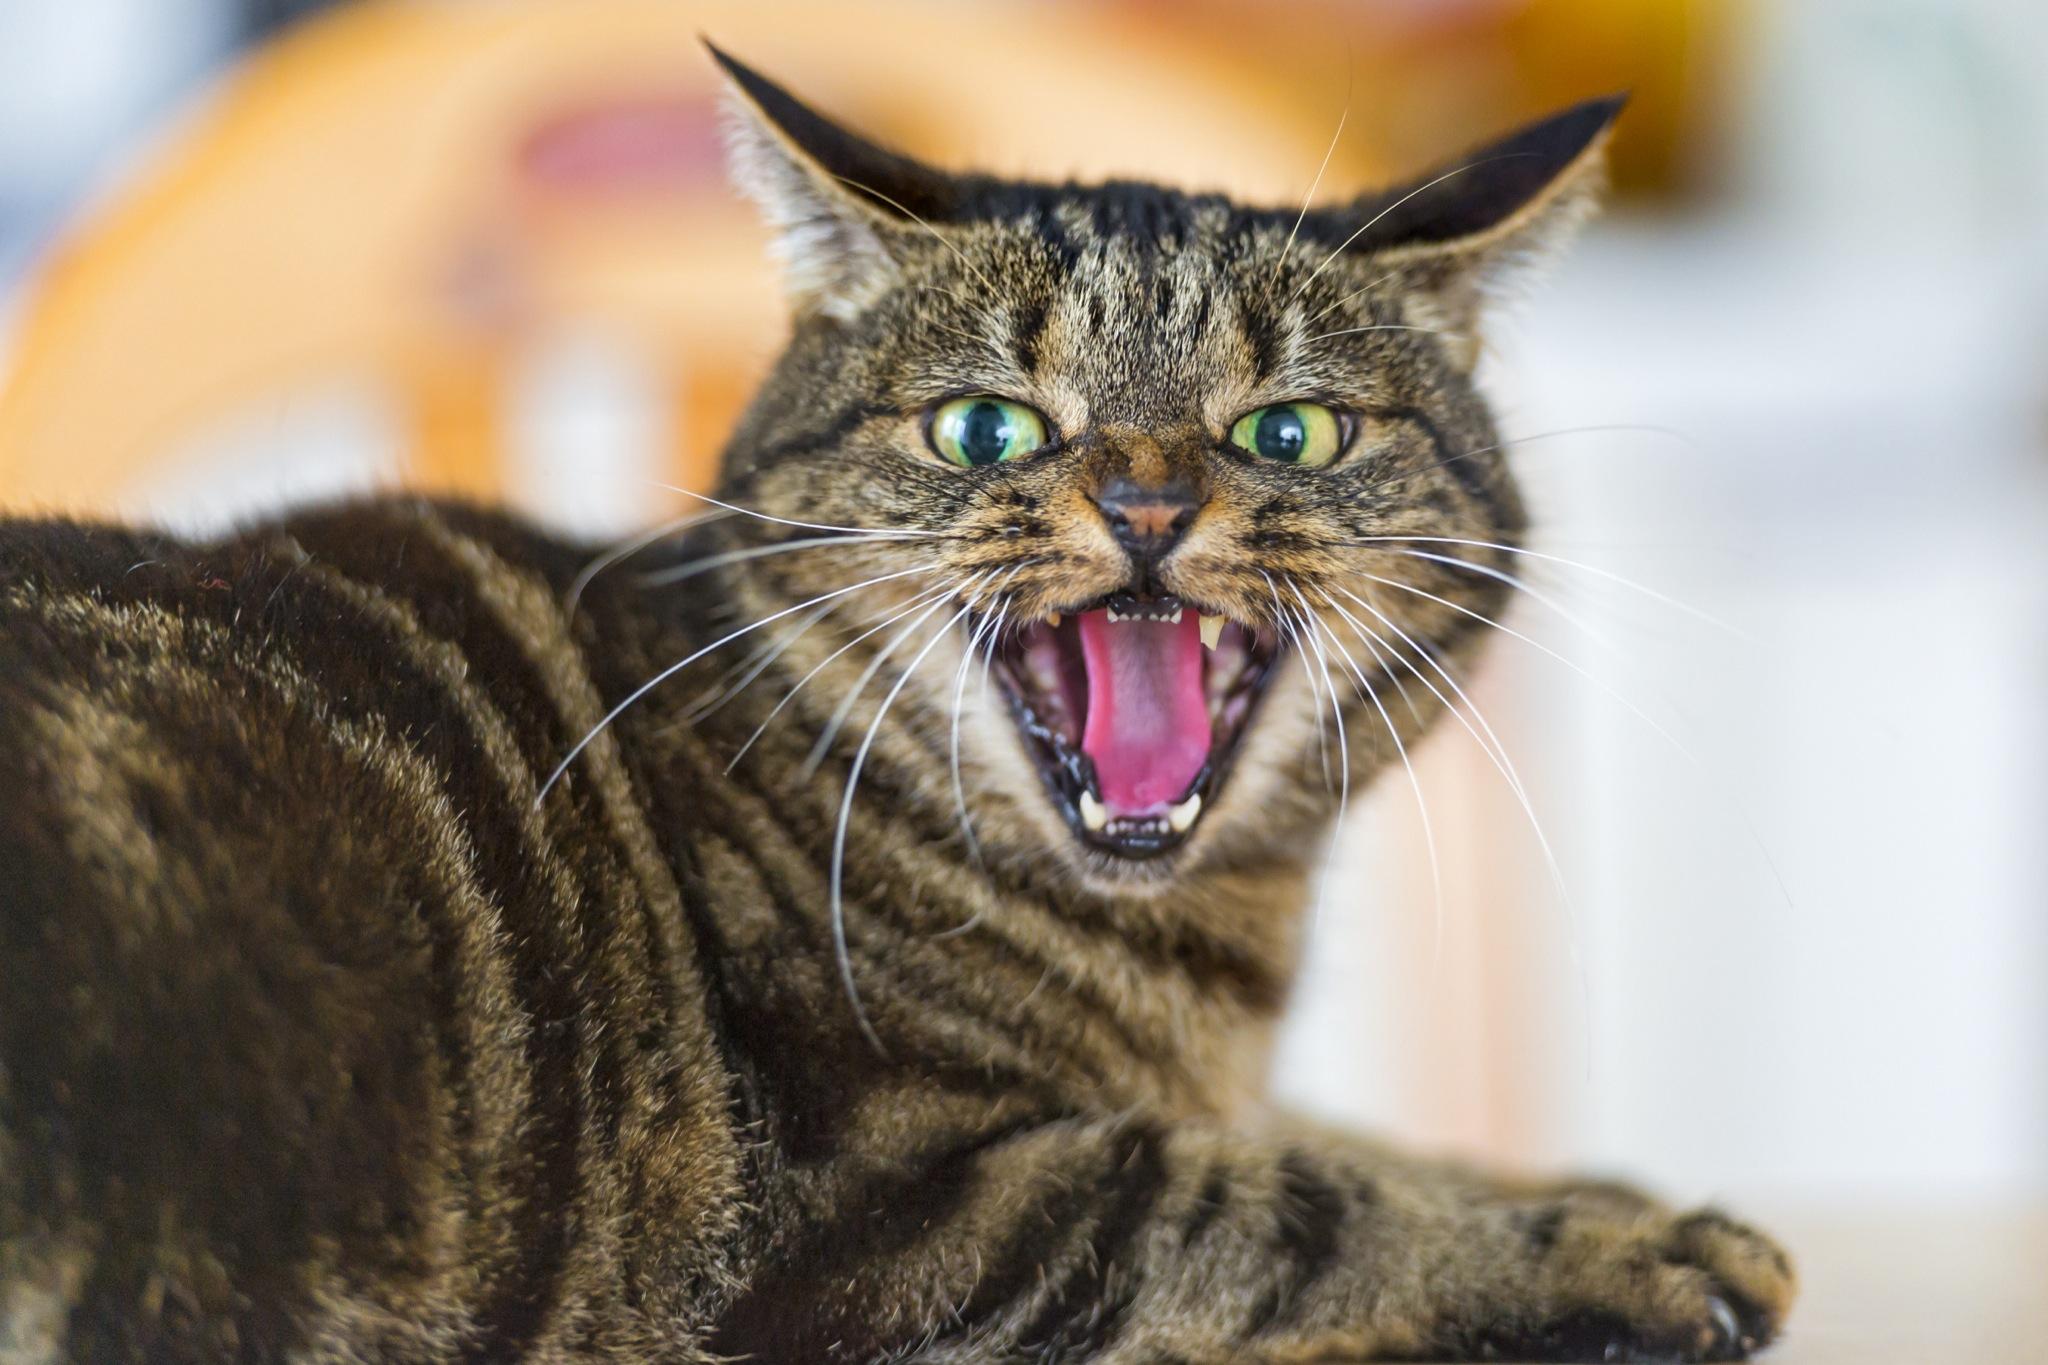 キジトラ猫威嚇   cat.sc 猫画像